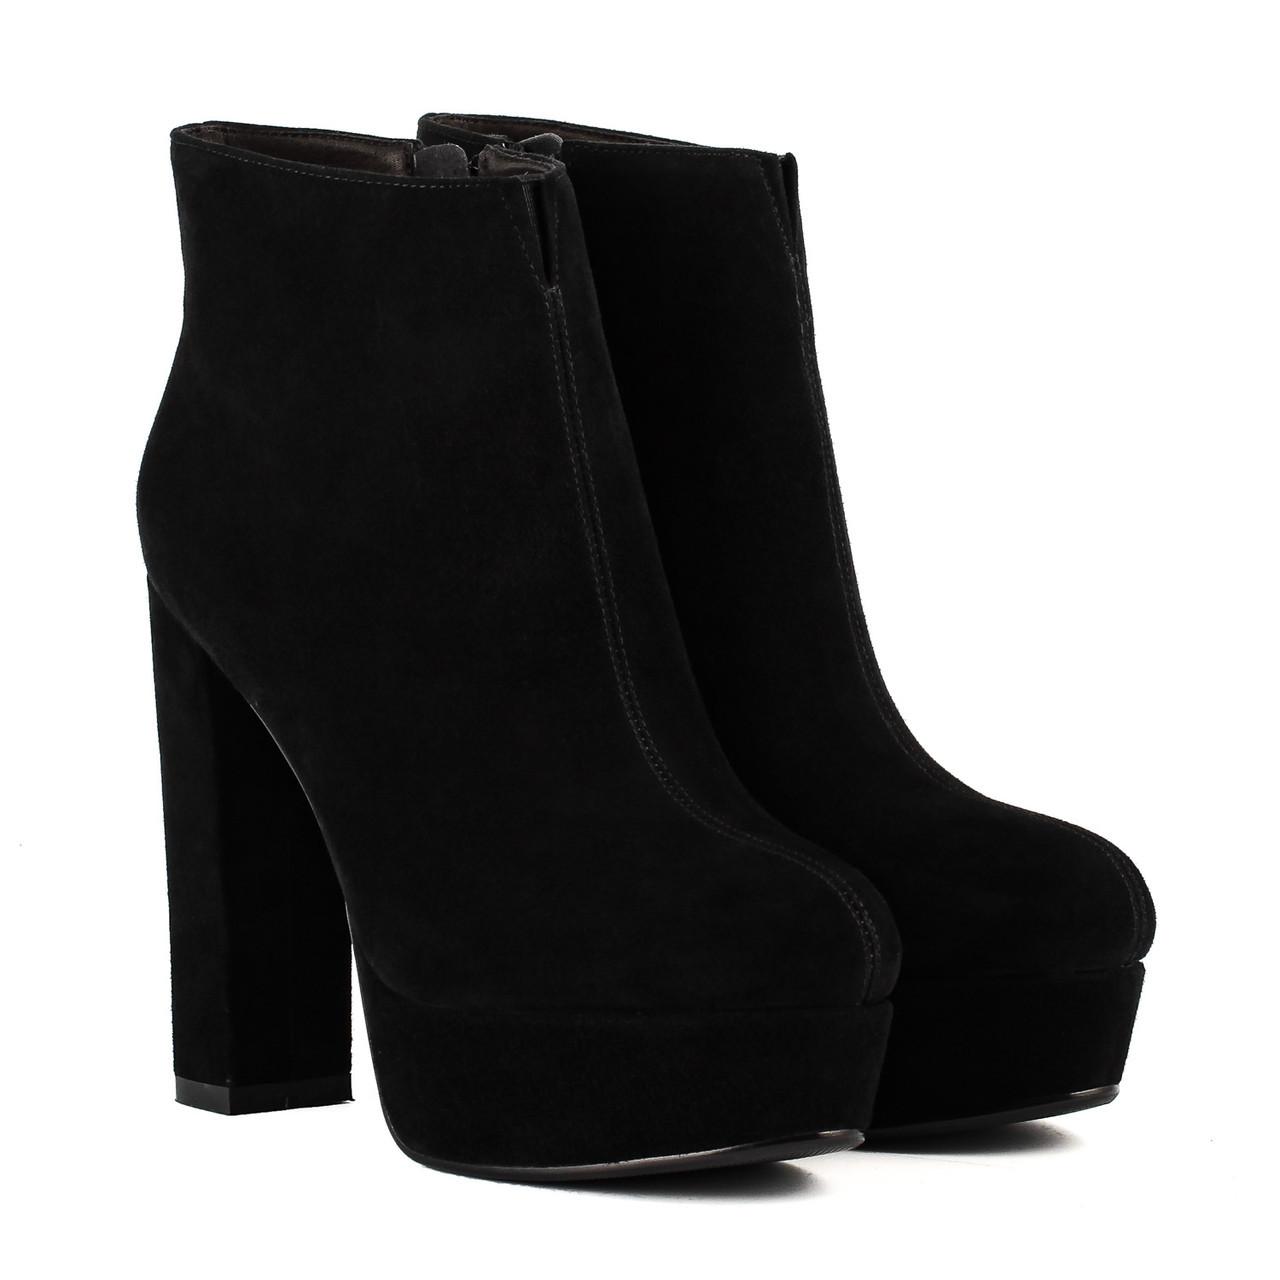 cfb232985ad6 Ботильоны женские Angelo Vani (стильные, изысканные, замшевые, на высоком  каблуке)